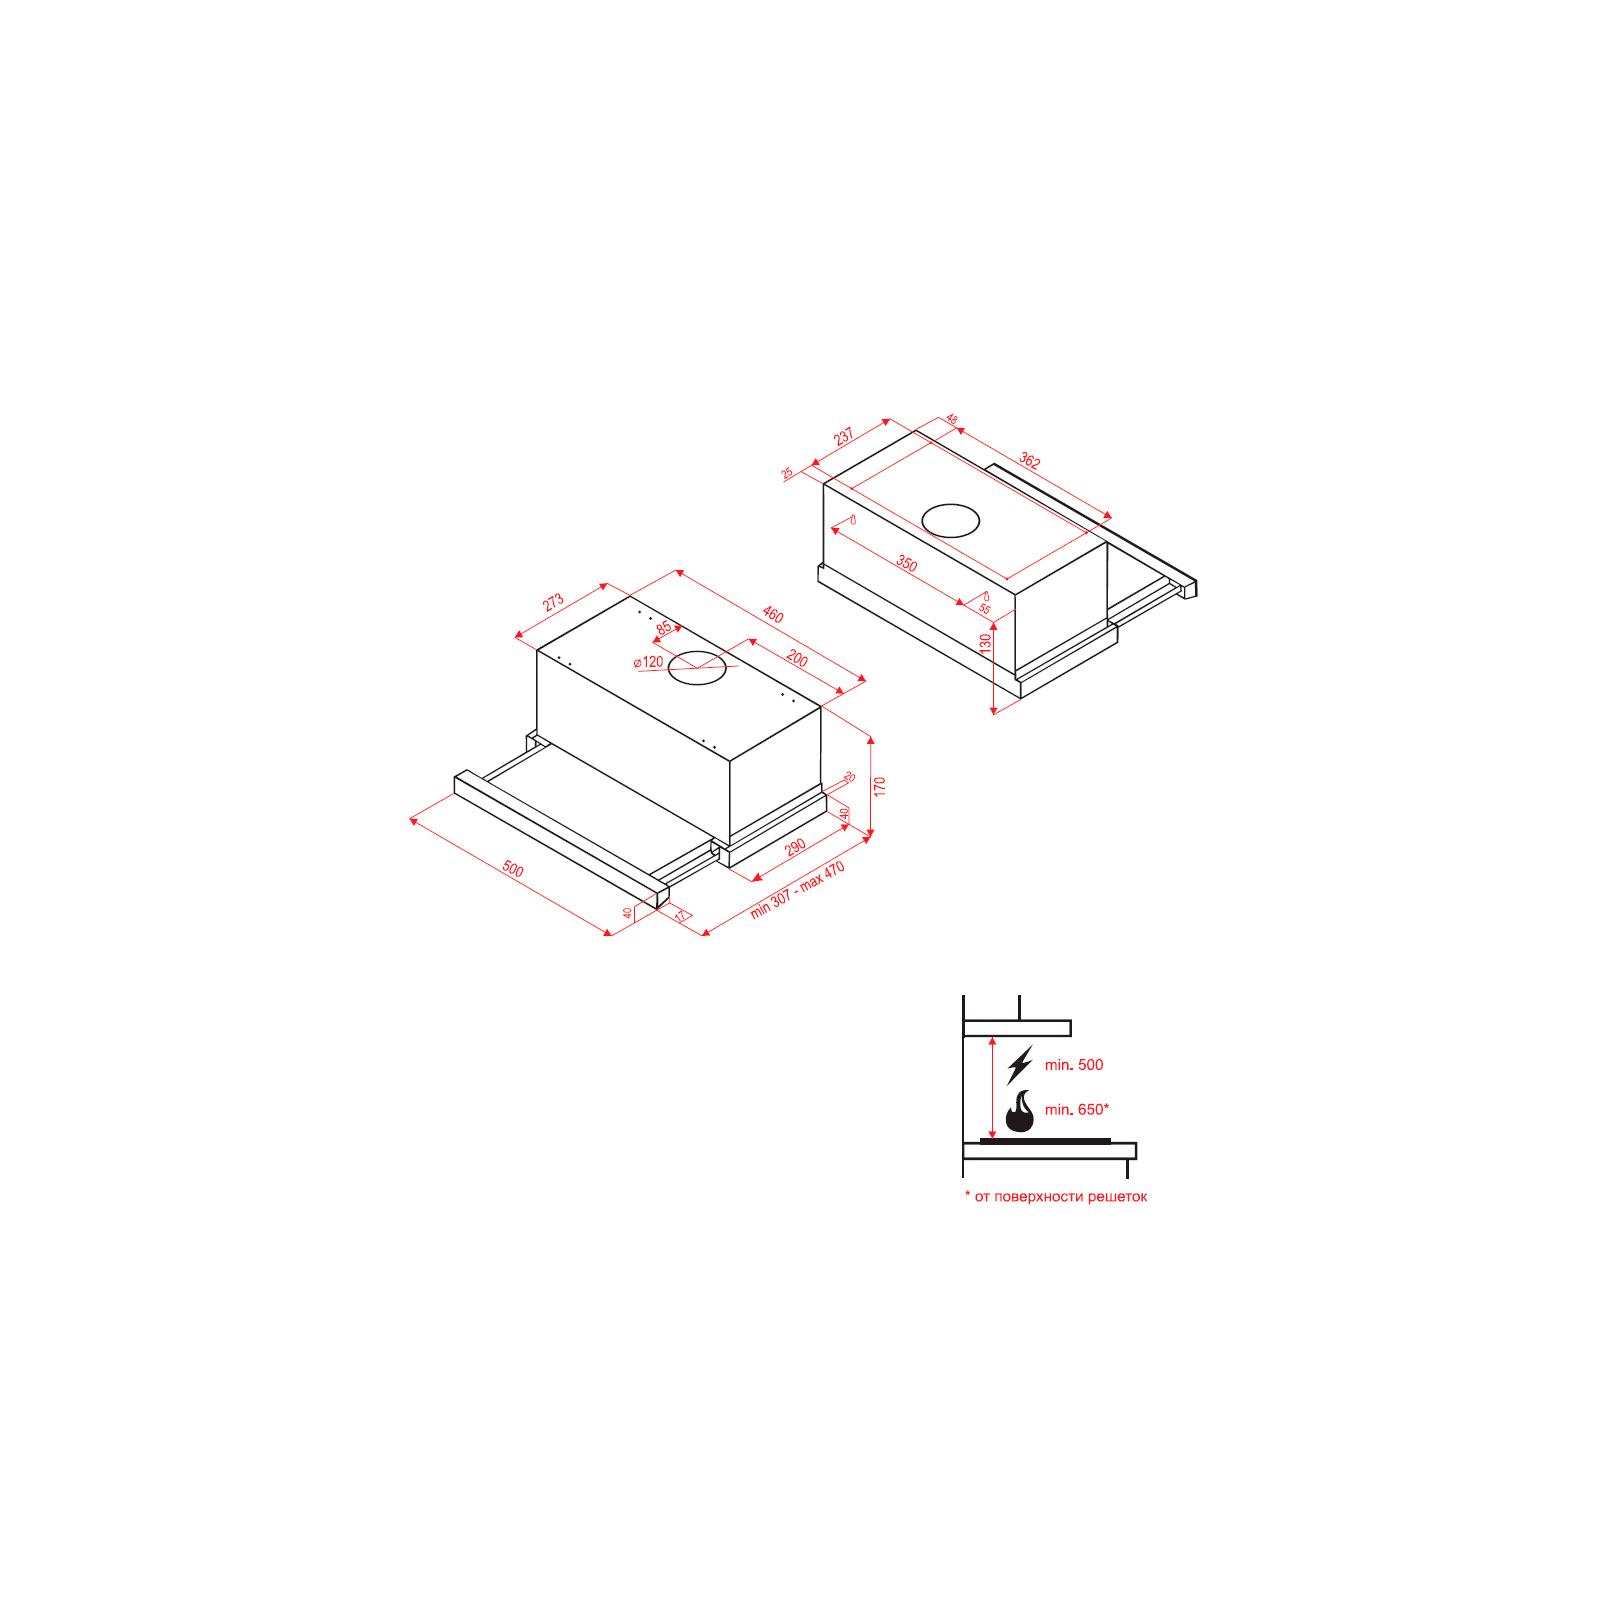 Вытяжка кухонная PERFELLI TL 5010 IV изображение 4